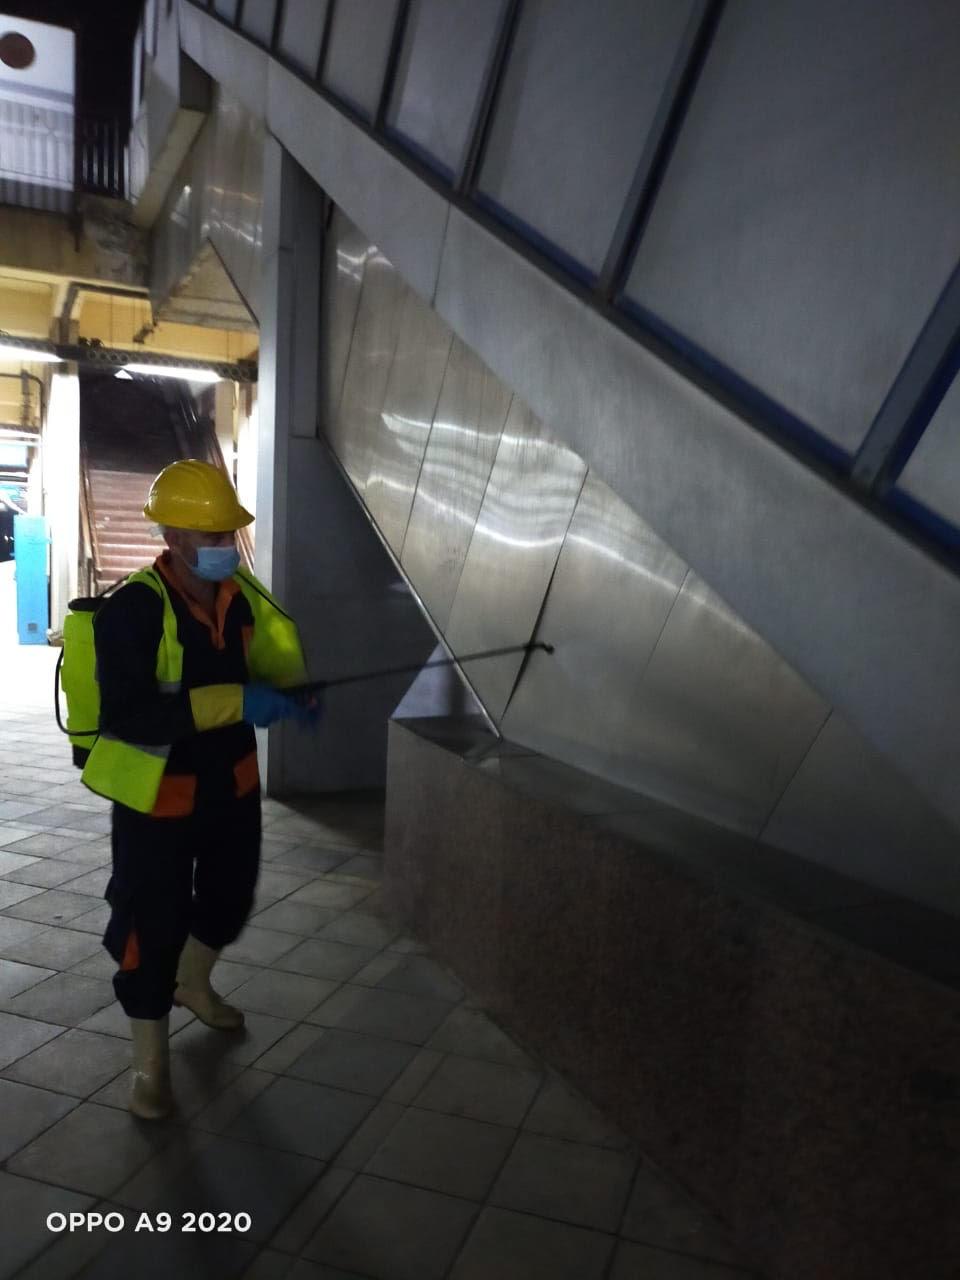 المترو يواصل أعمال تعقيم وتطهير القطارات والمحطات ضد كورونا (13)